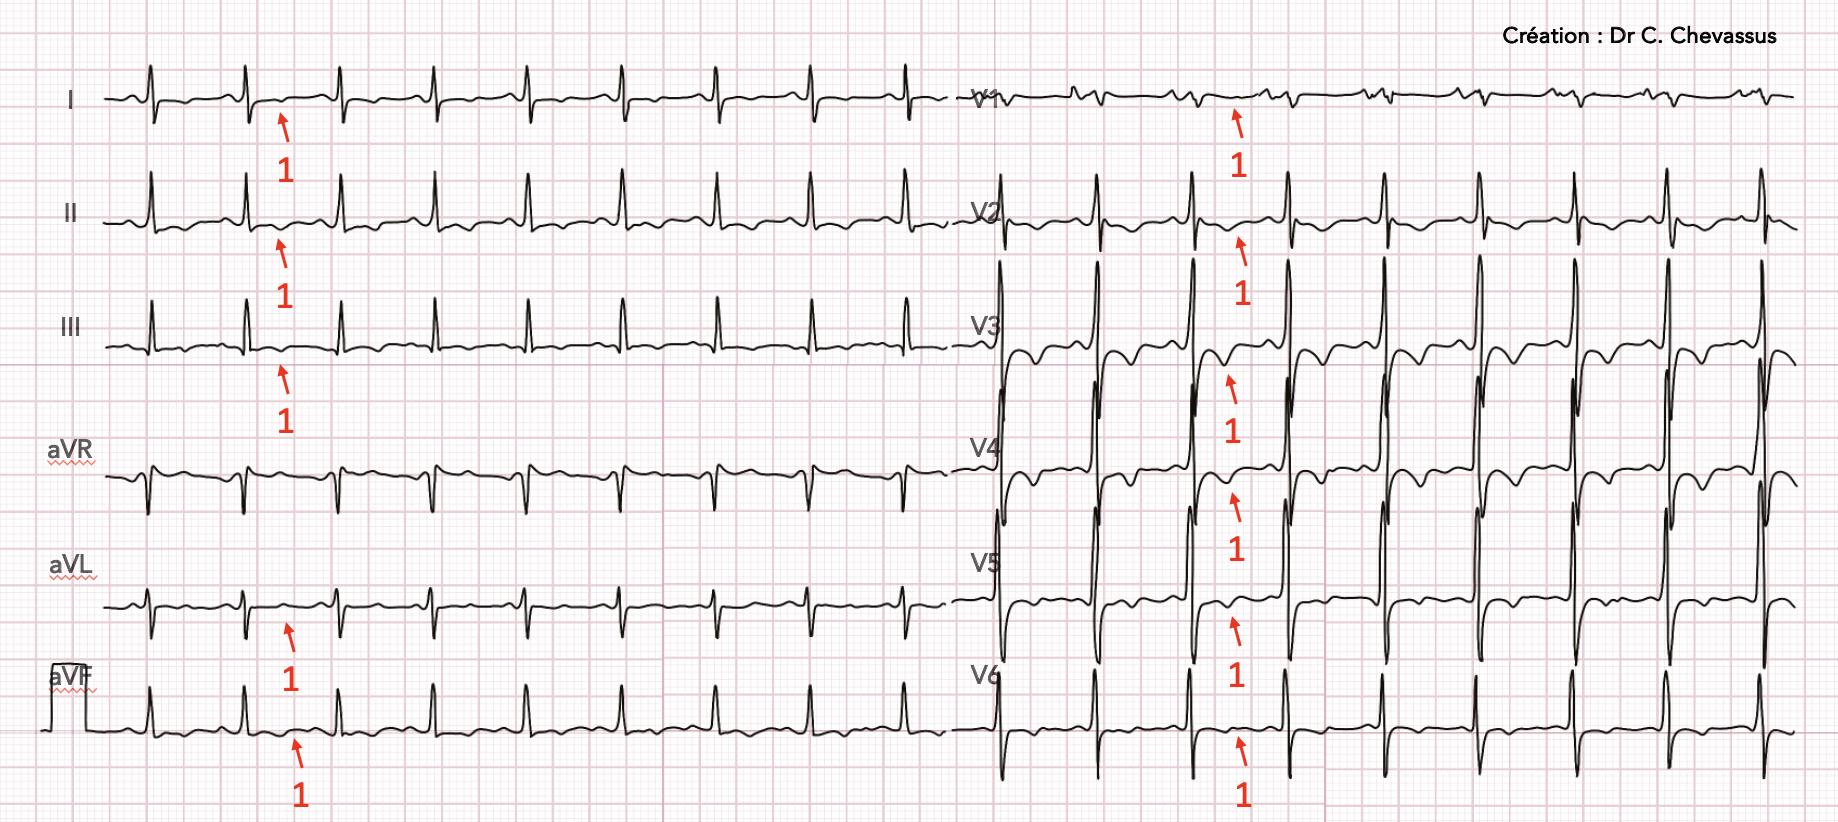 Péricardite, épanchement, tachycardie, 1 : anomalies diffuses de l'onde T plates ou négatives